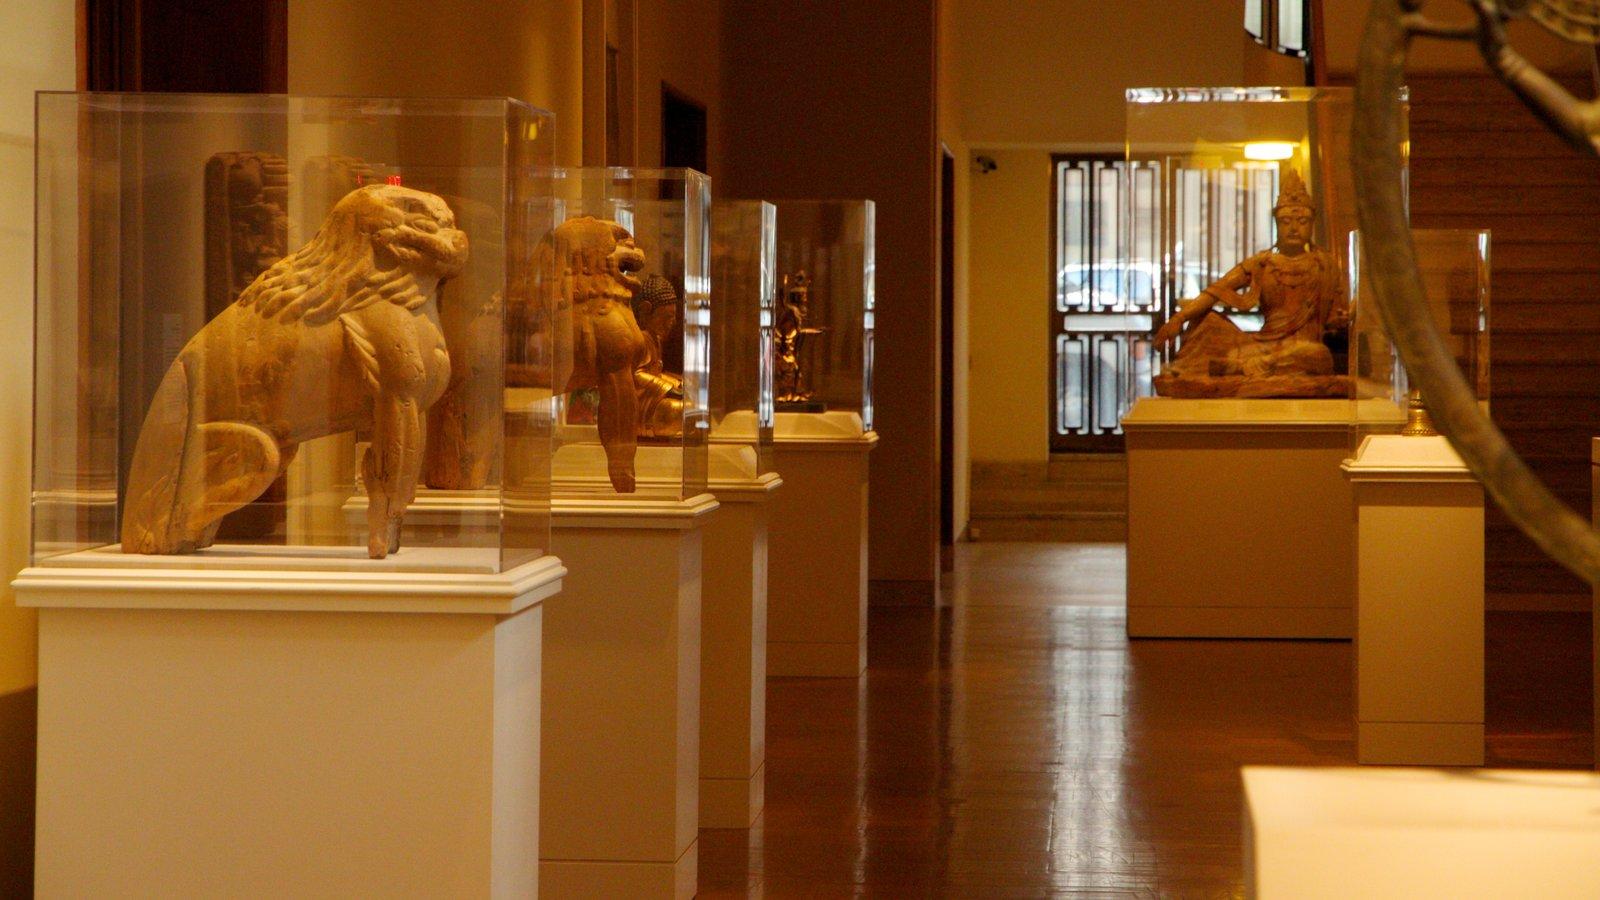 Portland Art Museum mostrando vistas interiores y arte